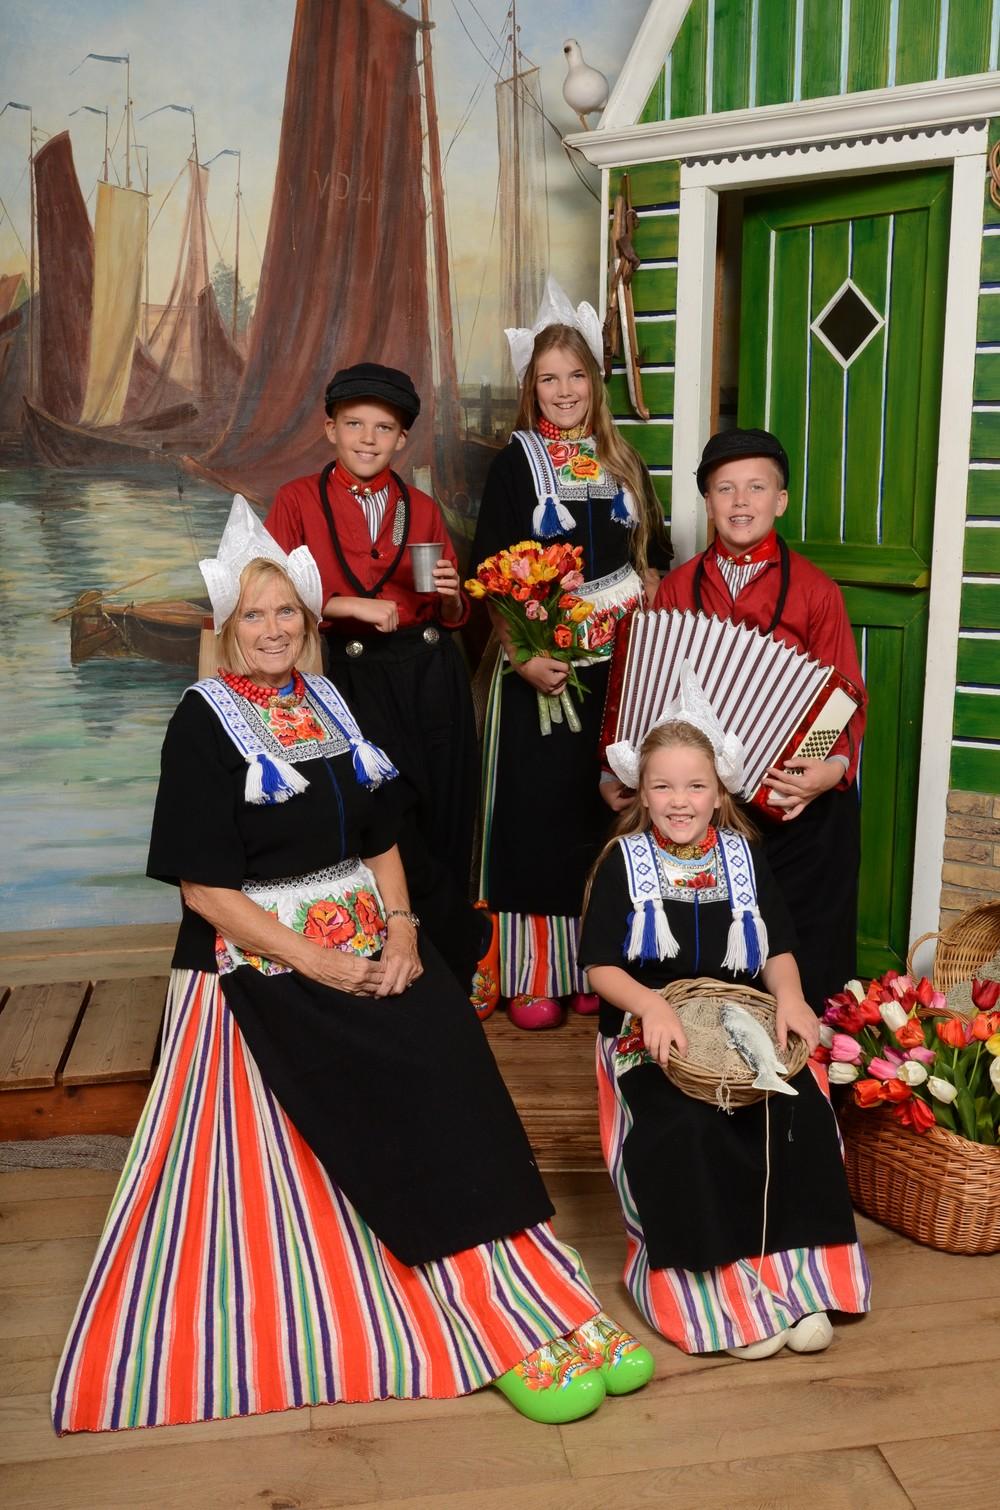 Extreem Kinderen Volendamse klederdracht | foto Volendam — Fotograaf Zwarthoed GY53